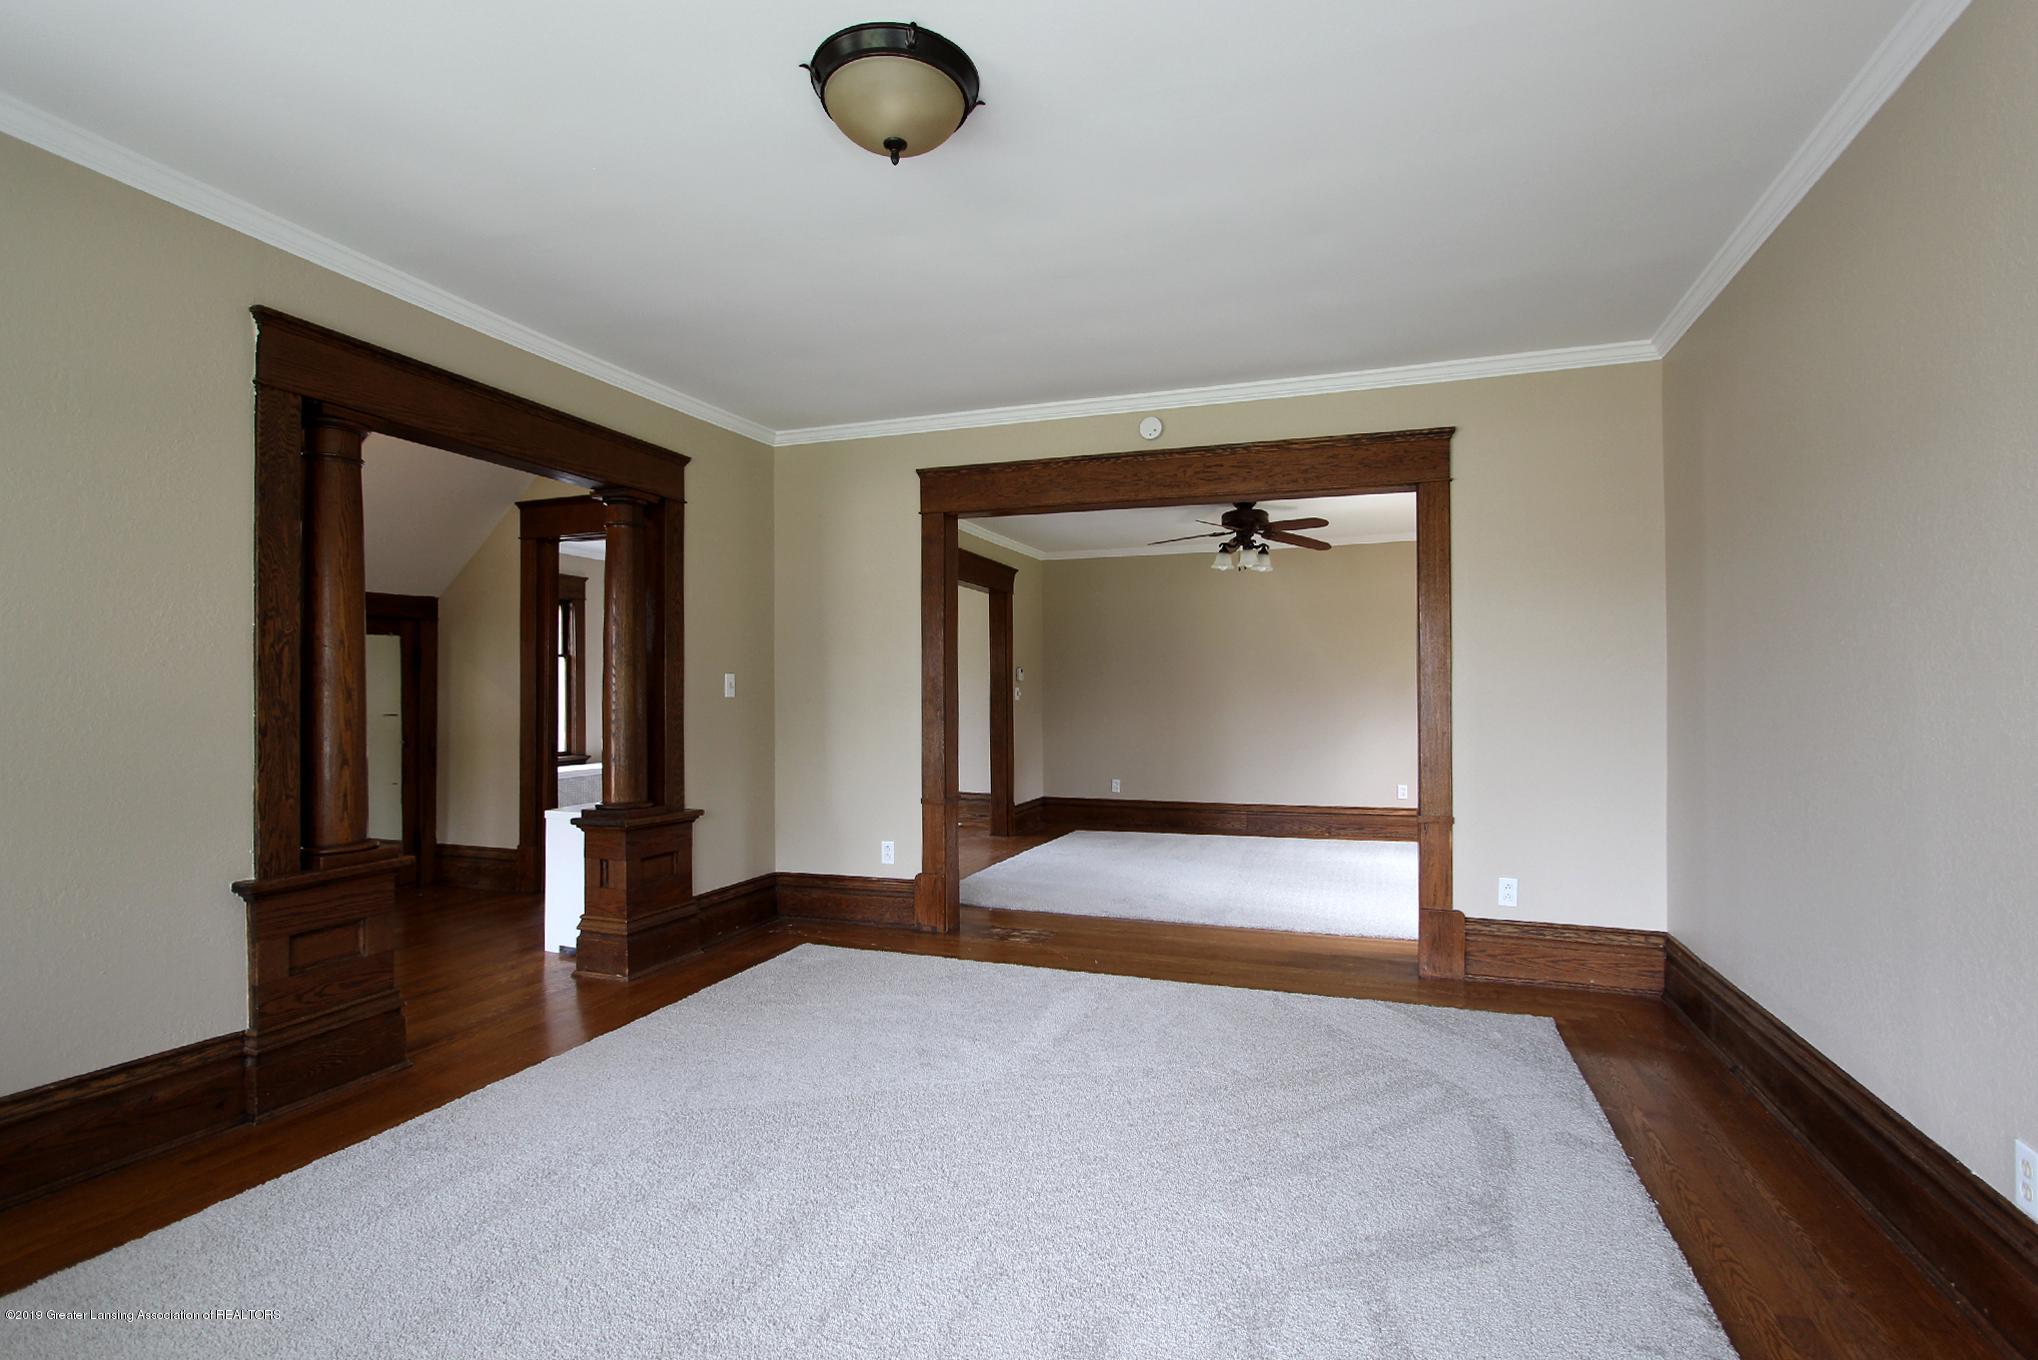 214 N Franklin St - 06 Living Room 3 - 7